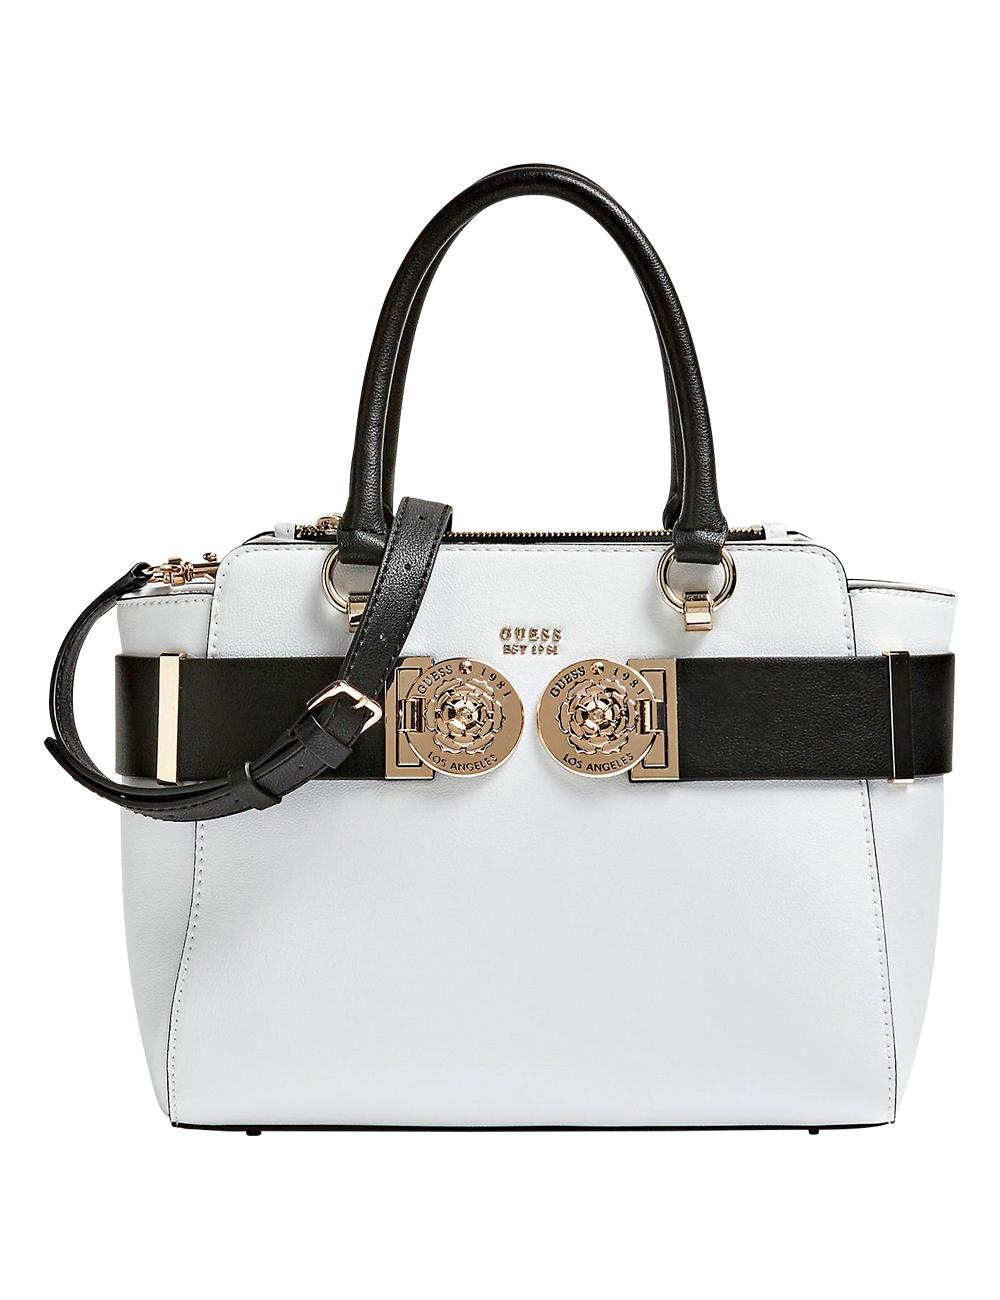 Damenhandtasche Guess «Carina Society» Satchel